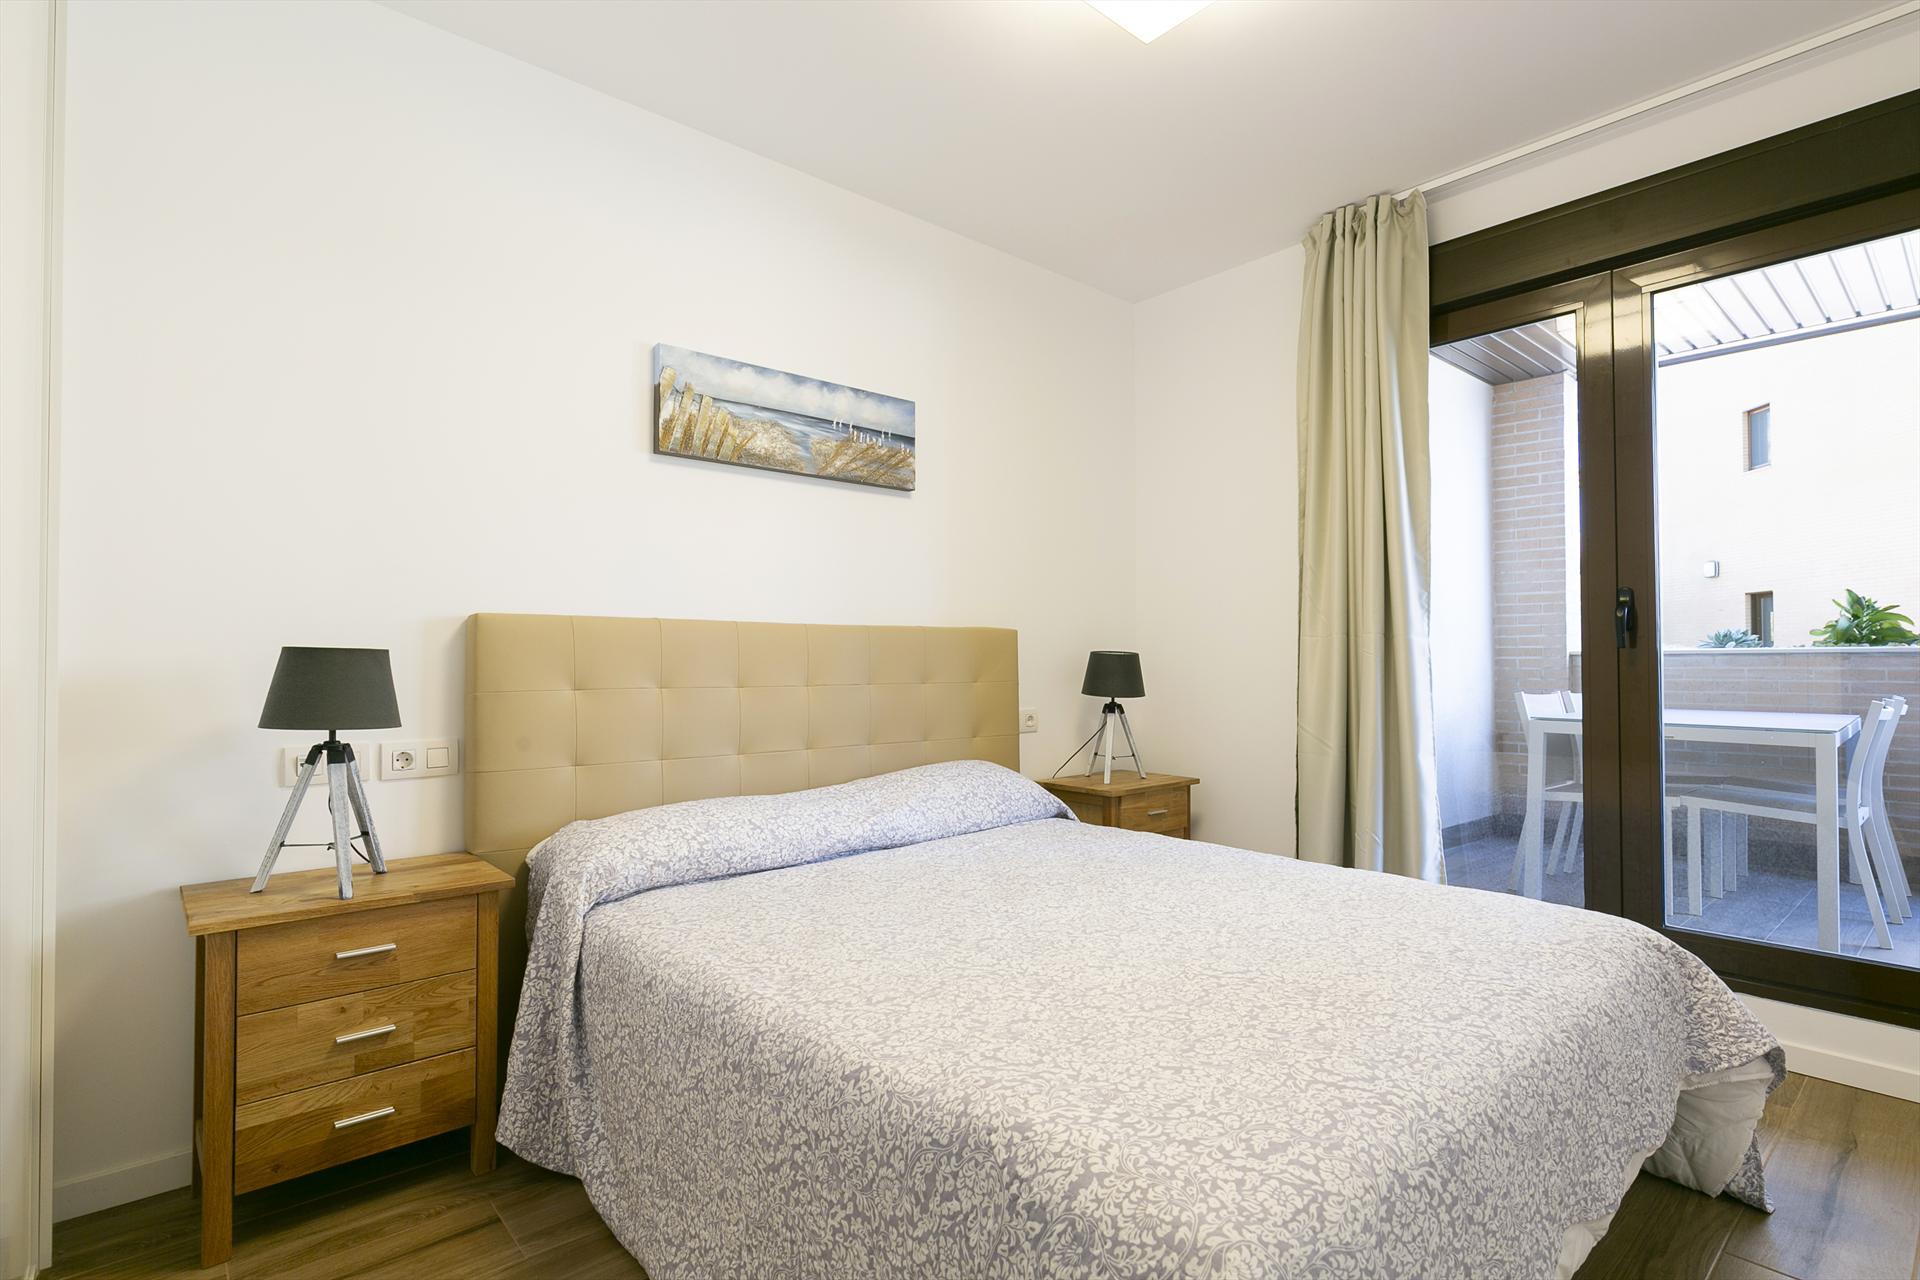 Vacaciones en Jávea – Quality Rent A Villa